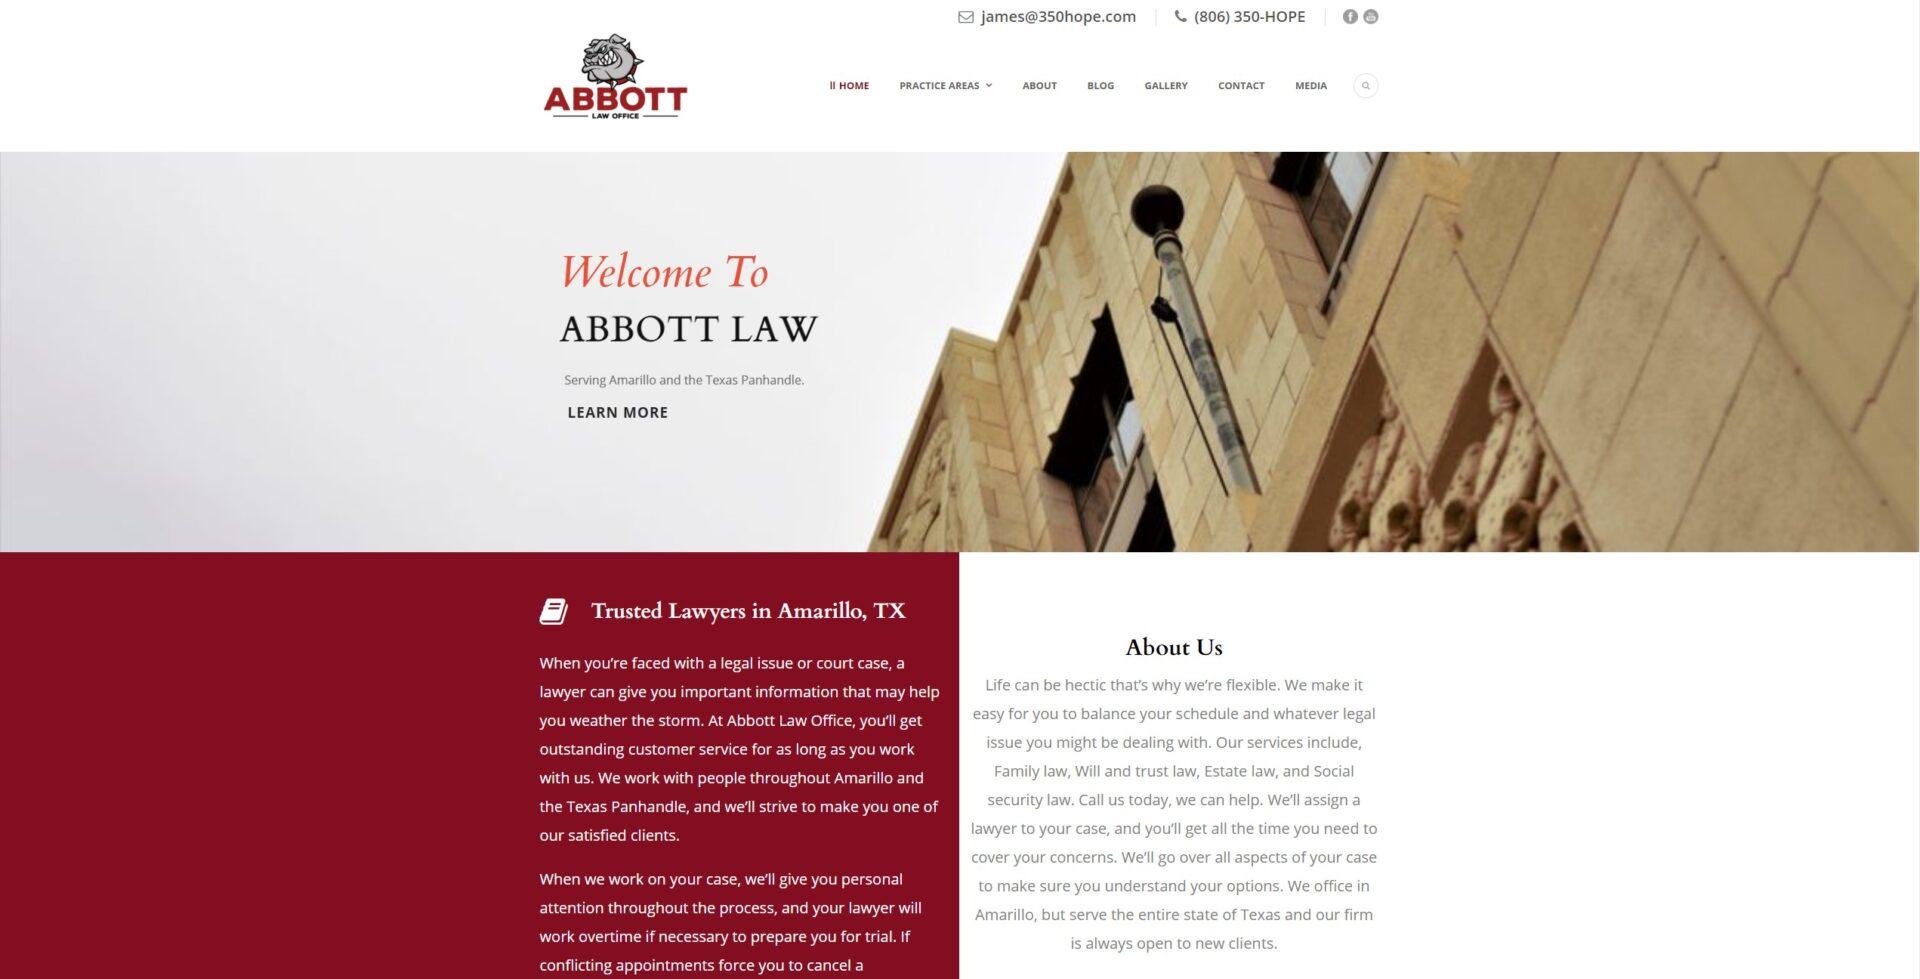 abbott-law-office-amarillo-texas